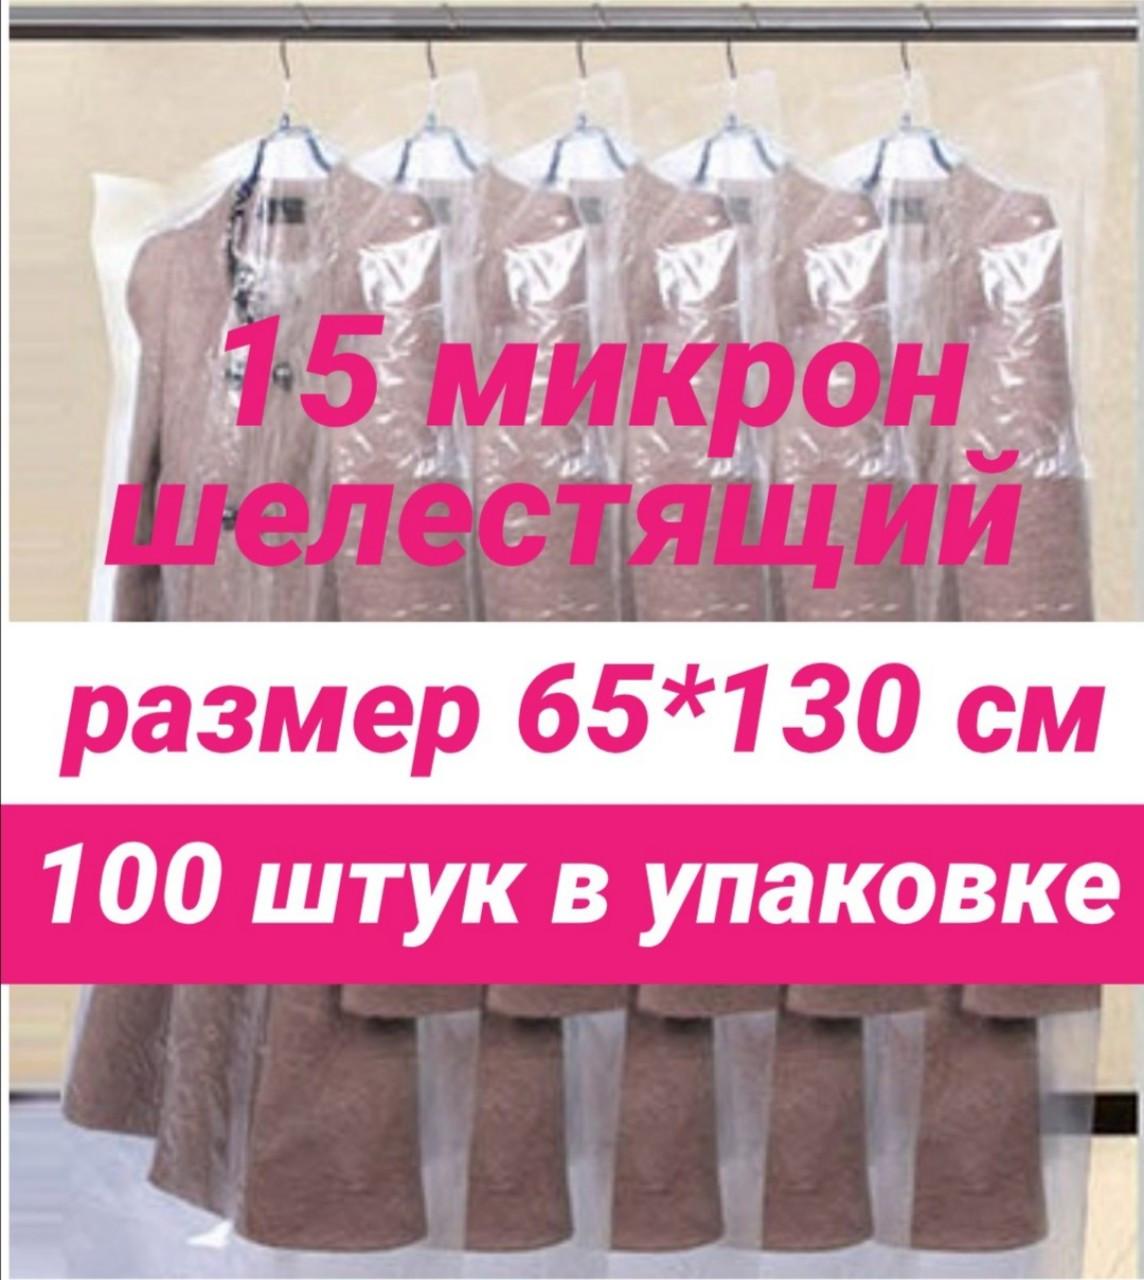 Размер 65*130 см, 100 штук в упаковке.Чехлы для одежды полиэтиленовые шелестящие, толщина 15 микрон.